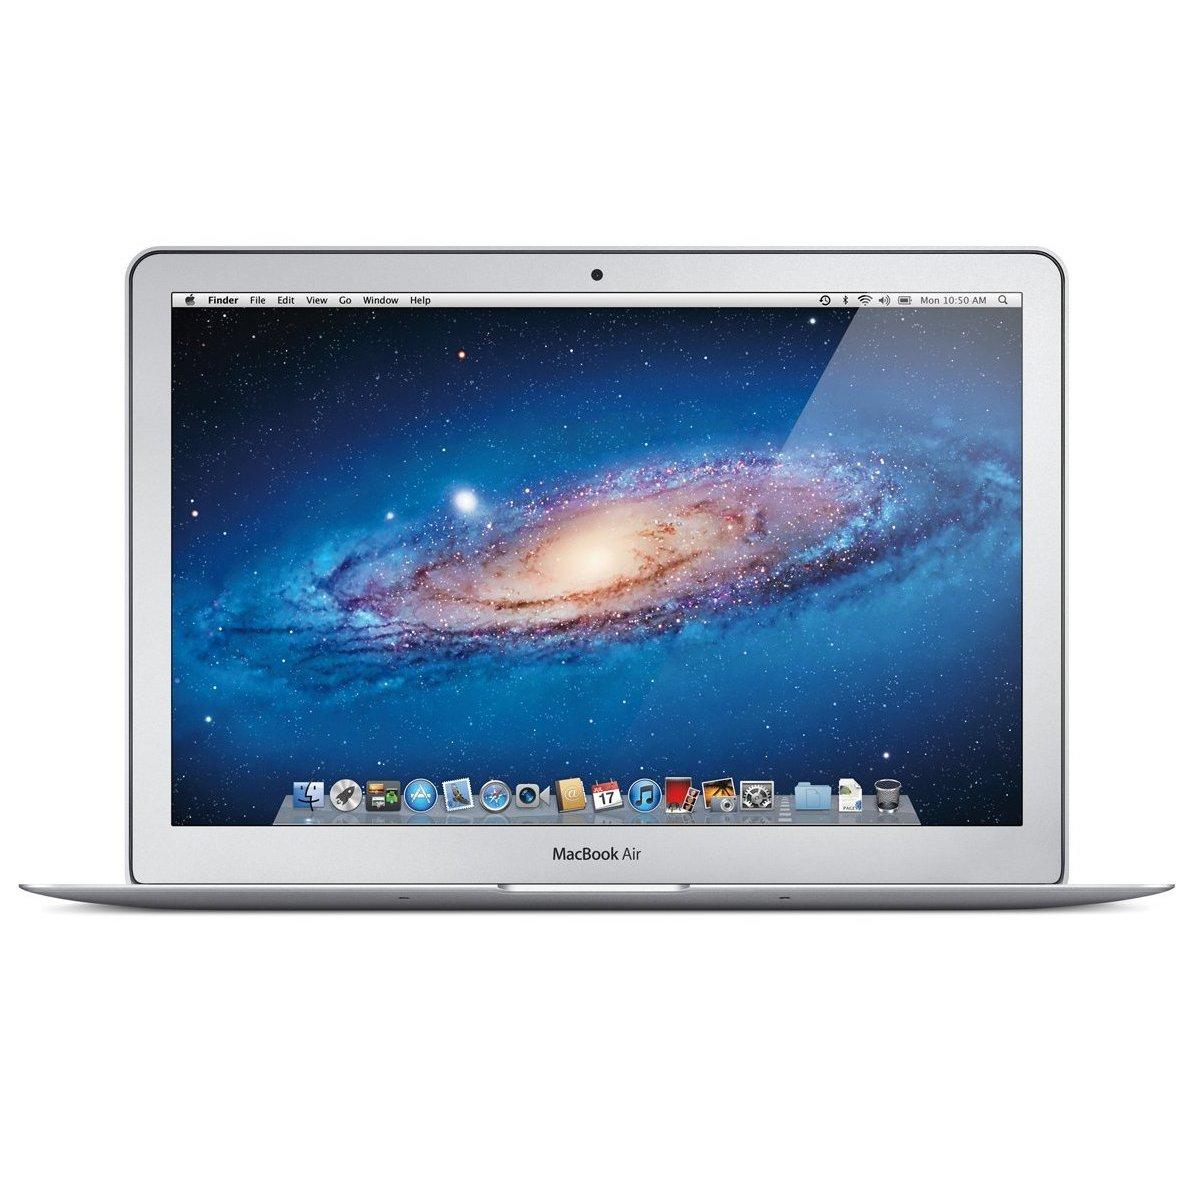 MacBook Air Intel i5 1.7GHz 4GB 11寸 64GB SSD